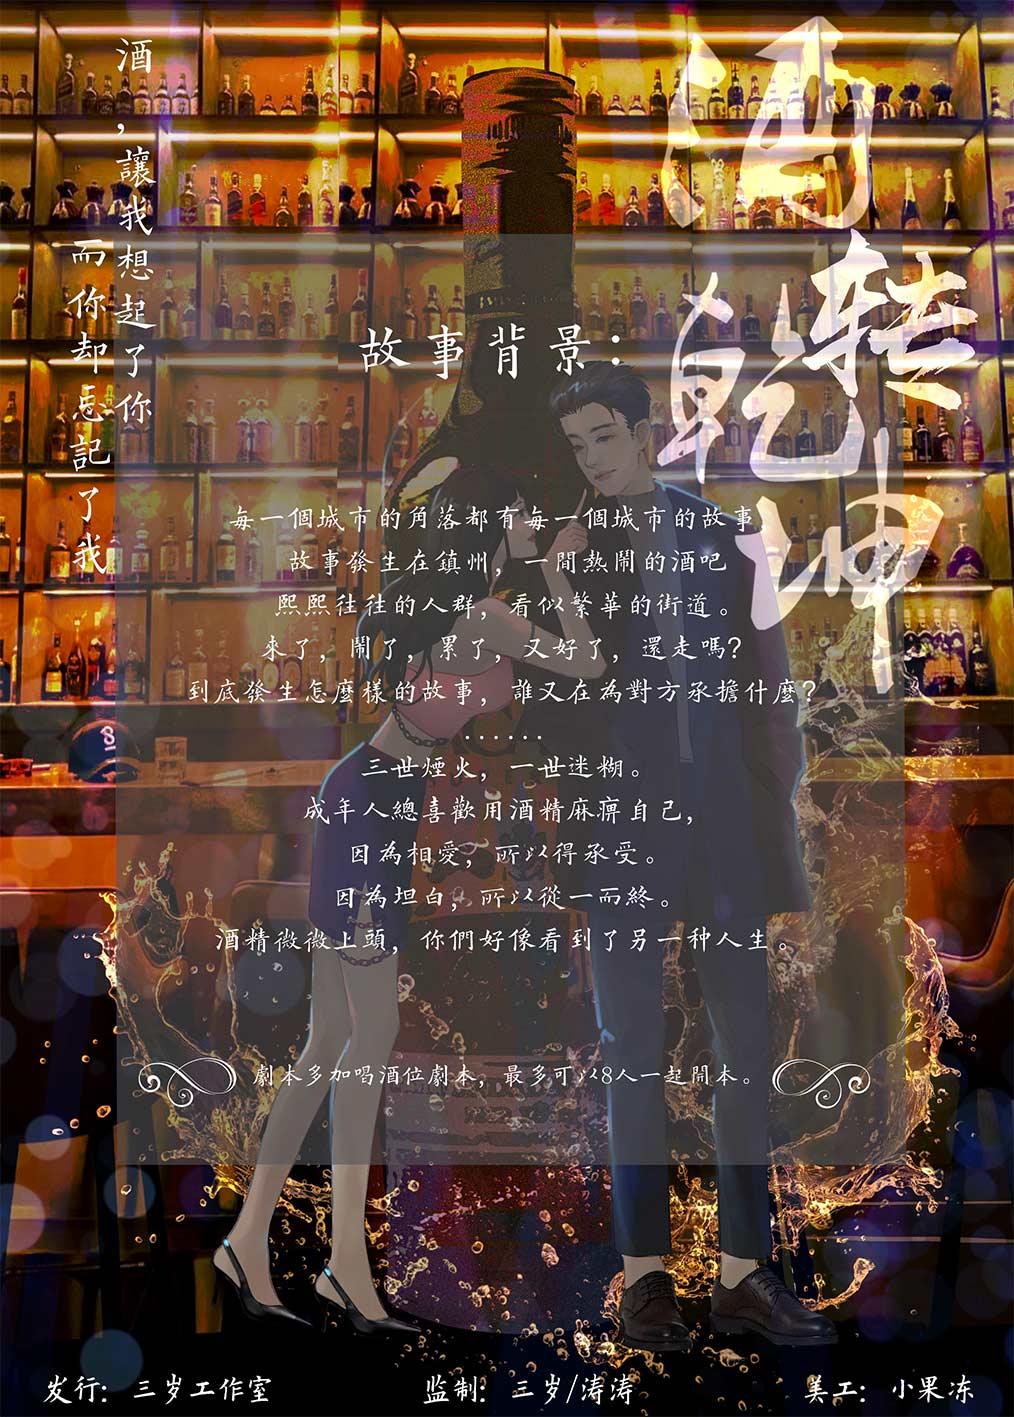 『酒转乾坤』剧本杀解析_真相_复盘_凶手是谁